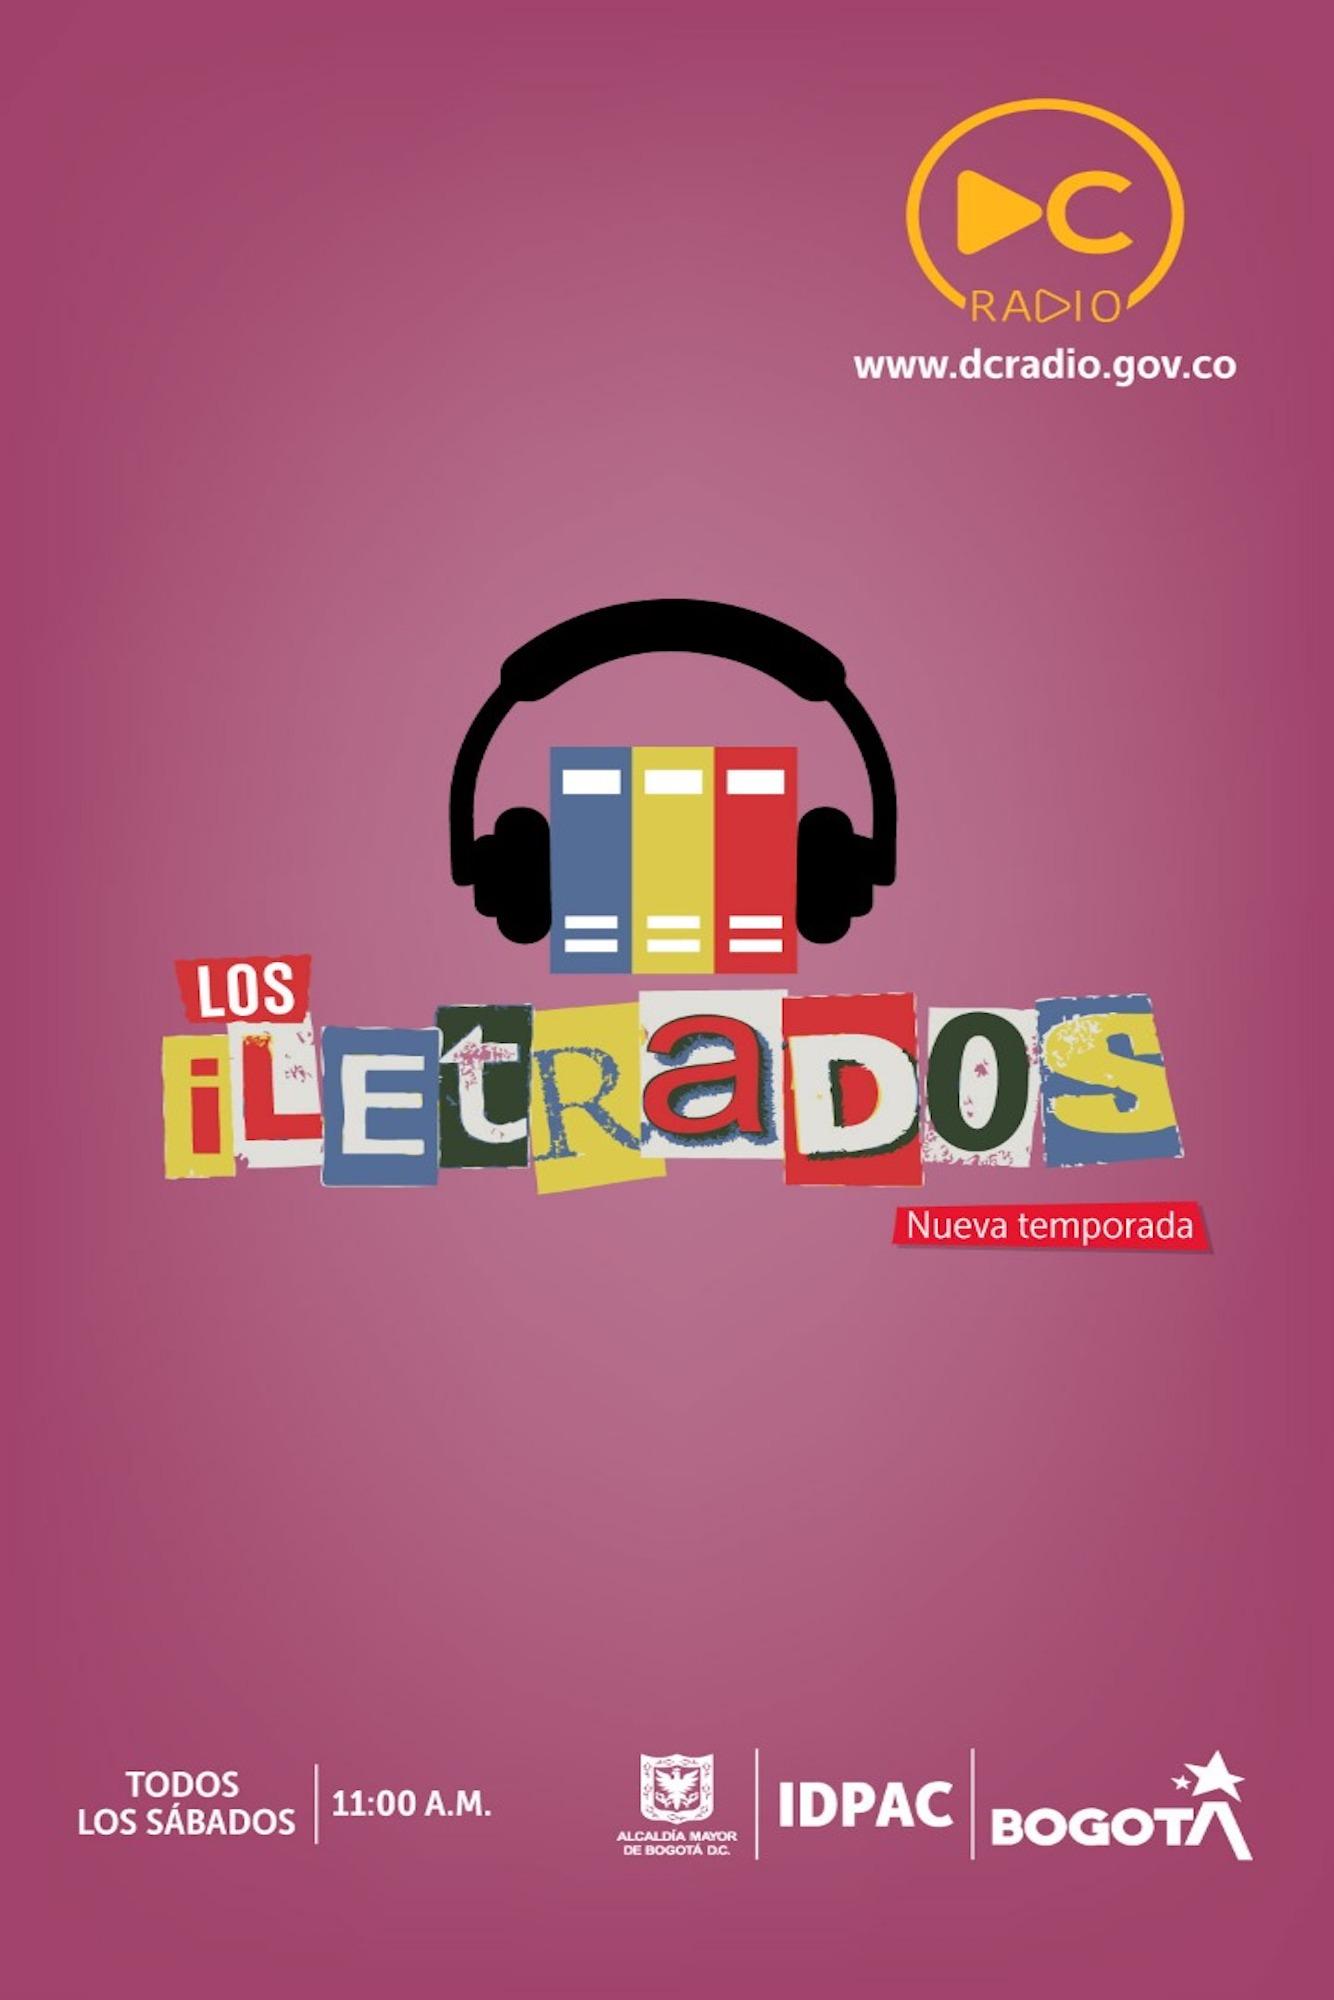 Los Iletrados es un programa para todos los que gozan de los libros y la música. Escúchelo todos los sábados a las 11:00 a.m.